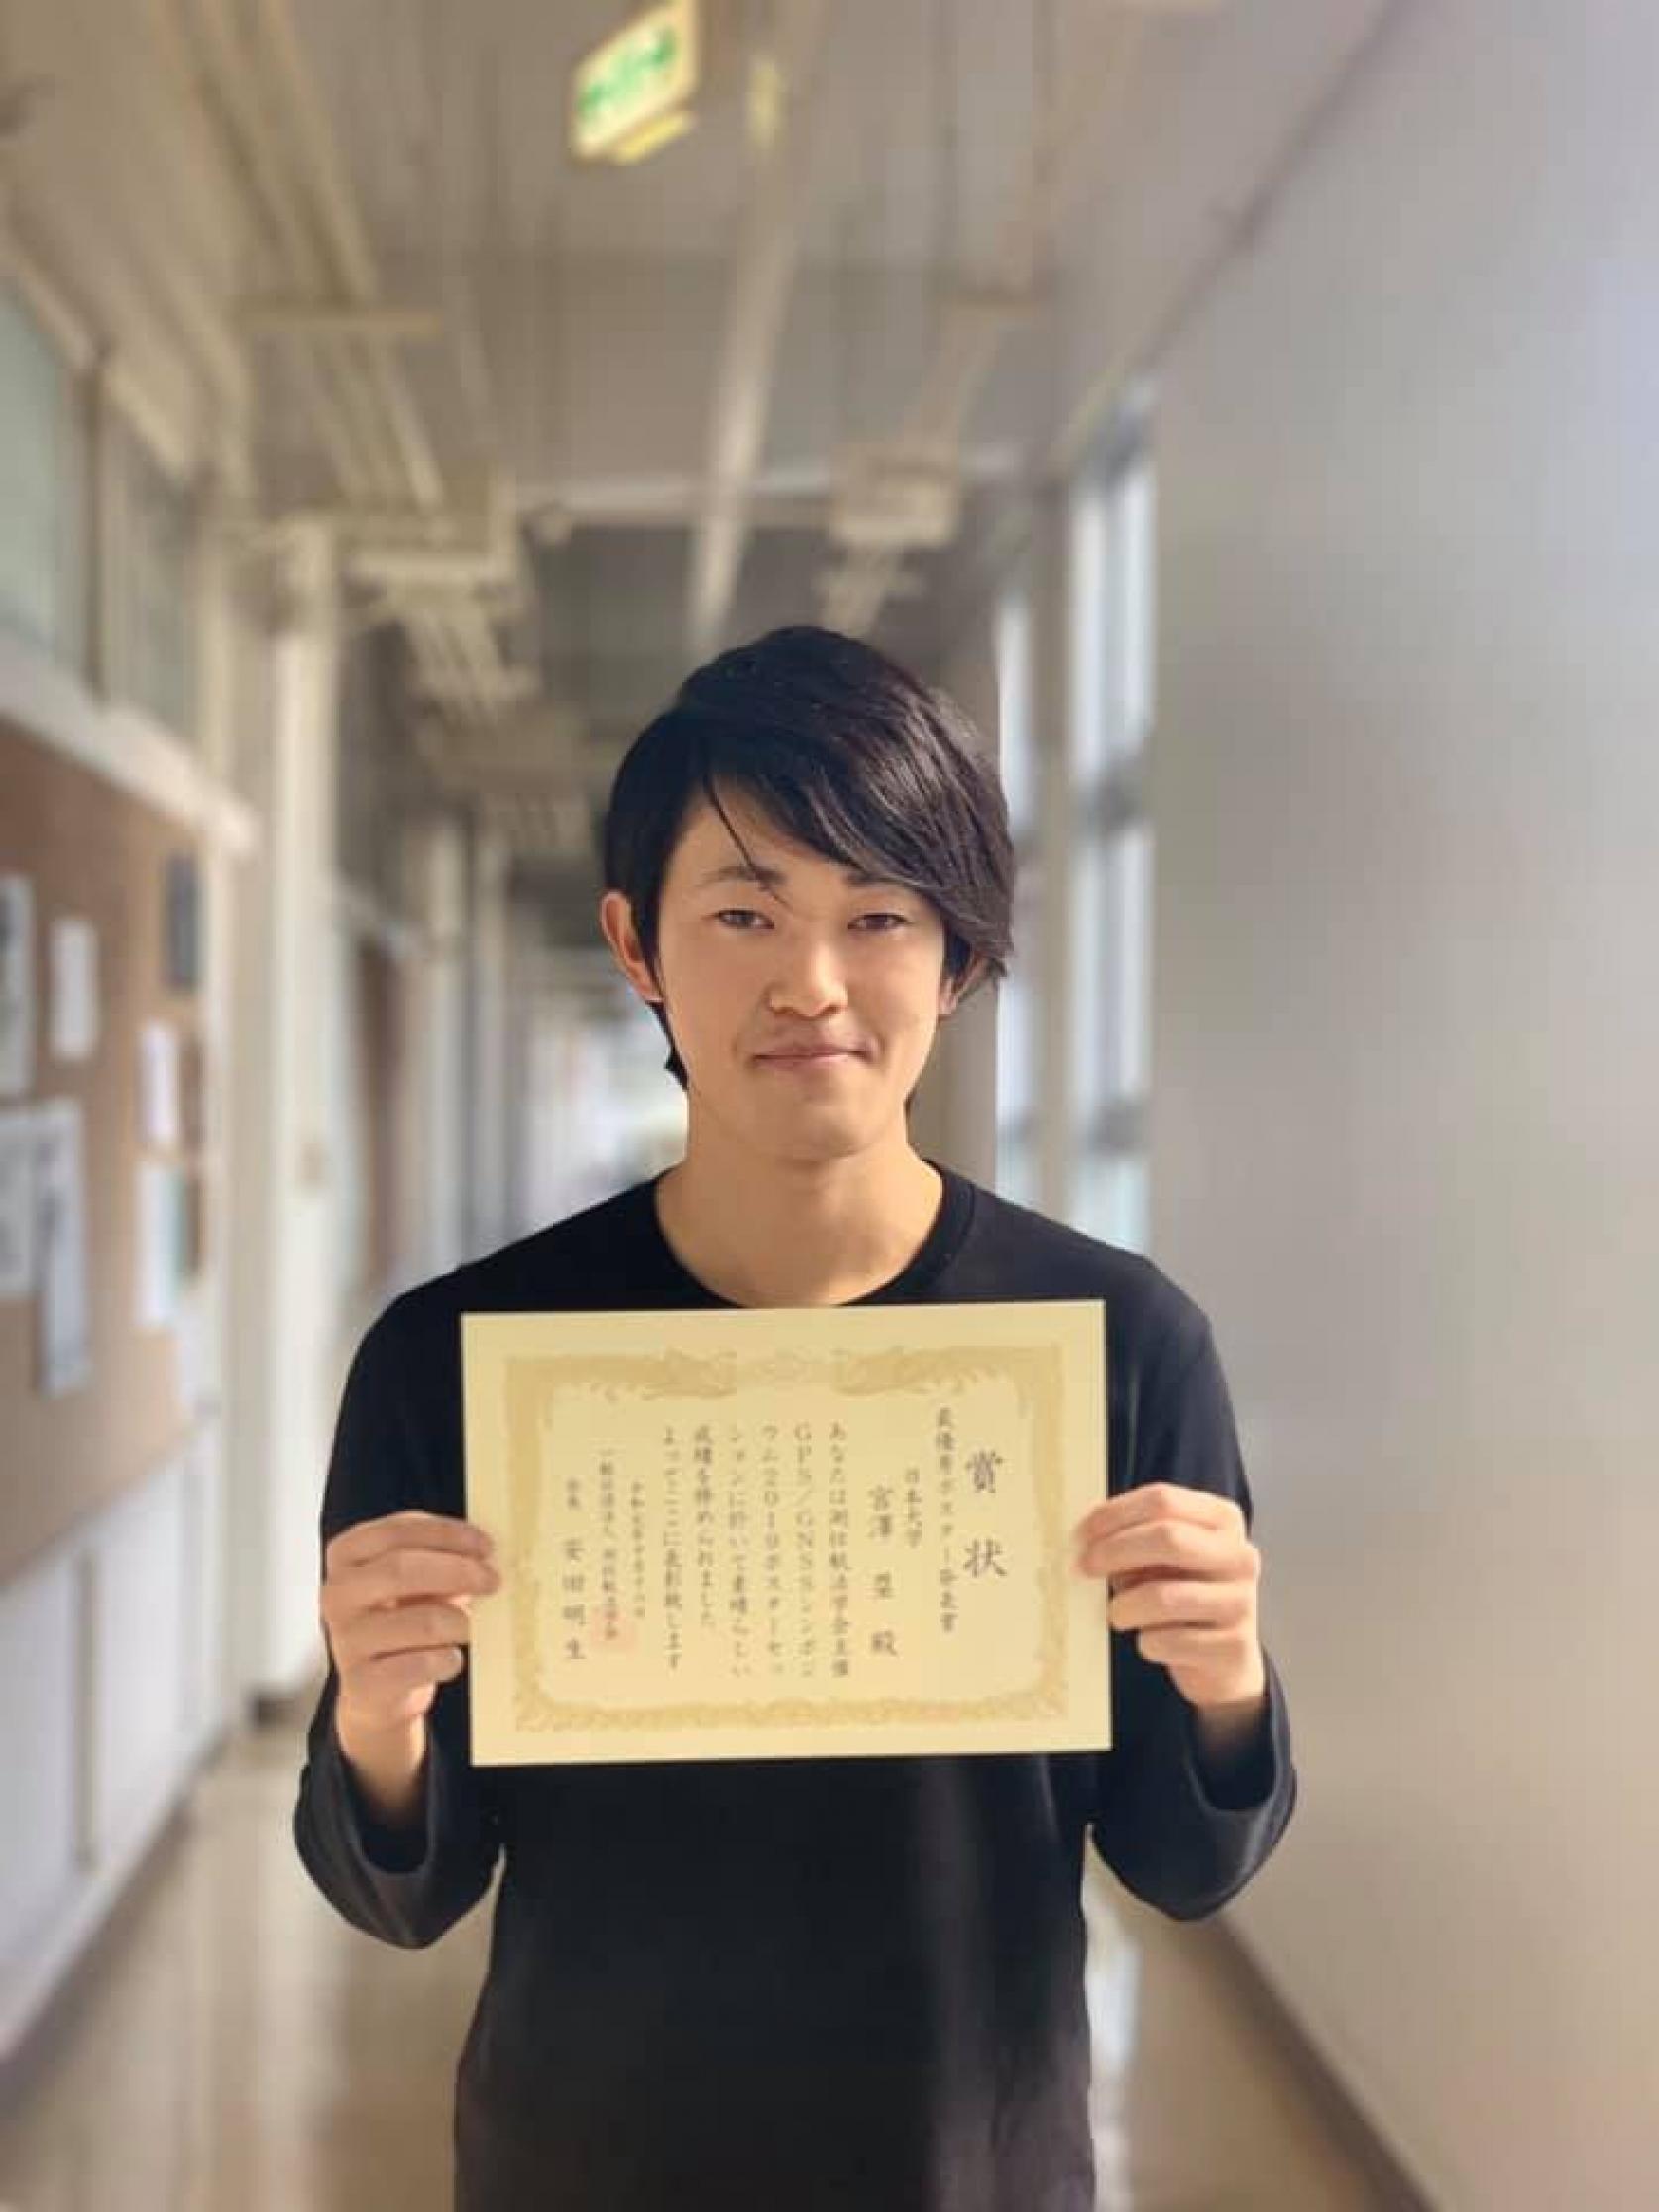 交通システム工学科4年宮澤 塁さんが、「一般社団法人 測位航法学会 GPS/GNSSシンポジウム2019」において、最優秀ポスター発表賞を受賞しました。